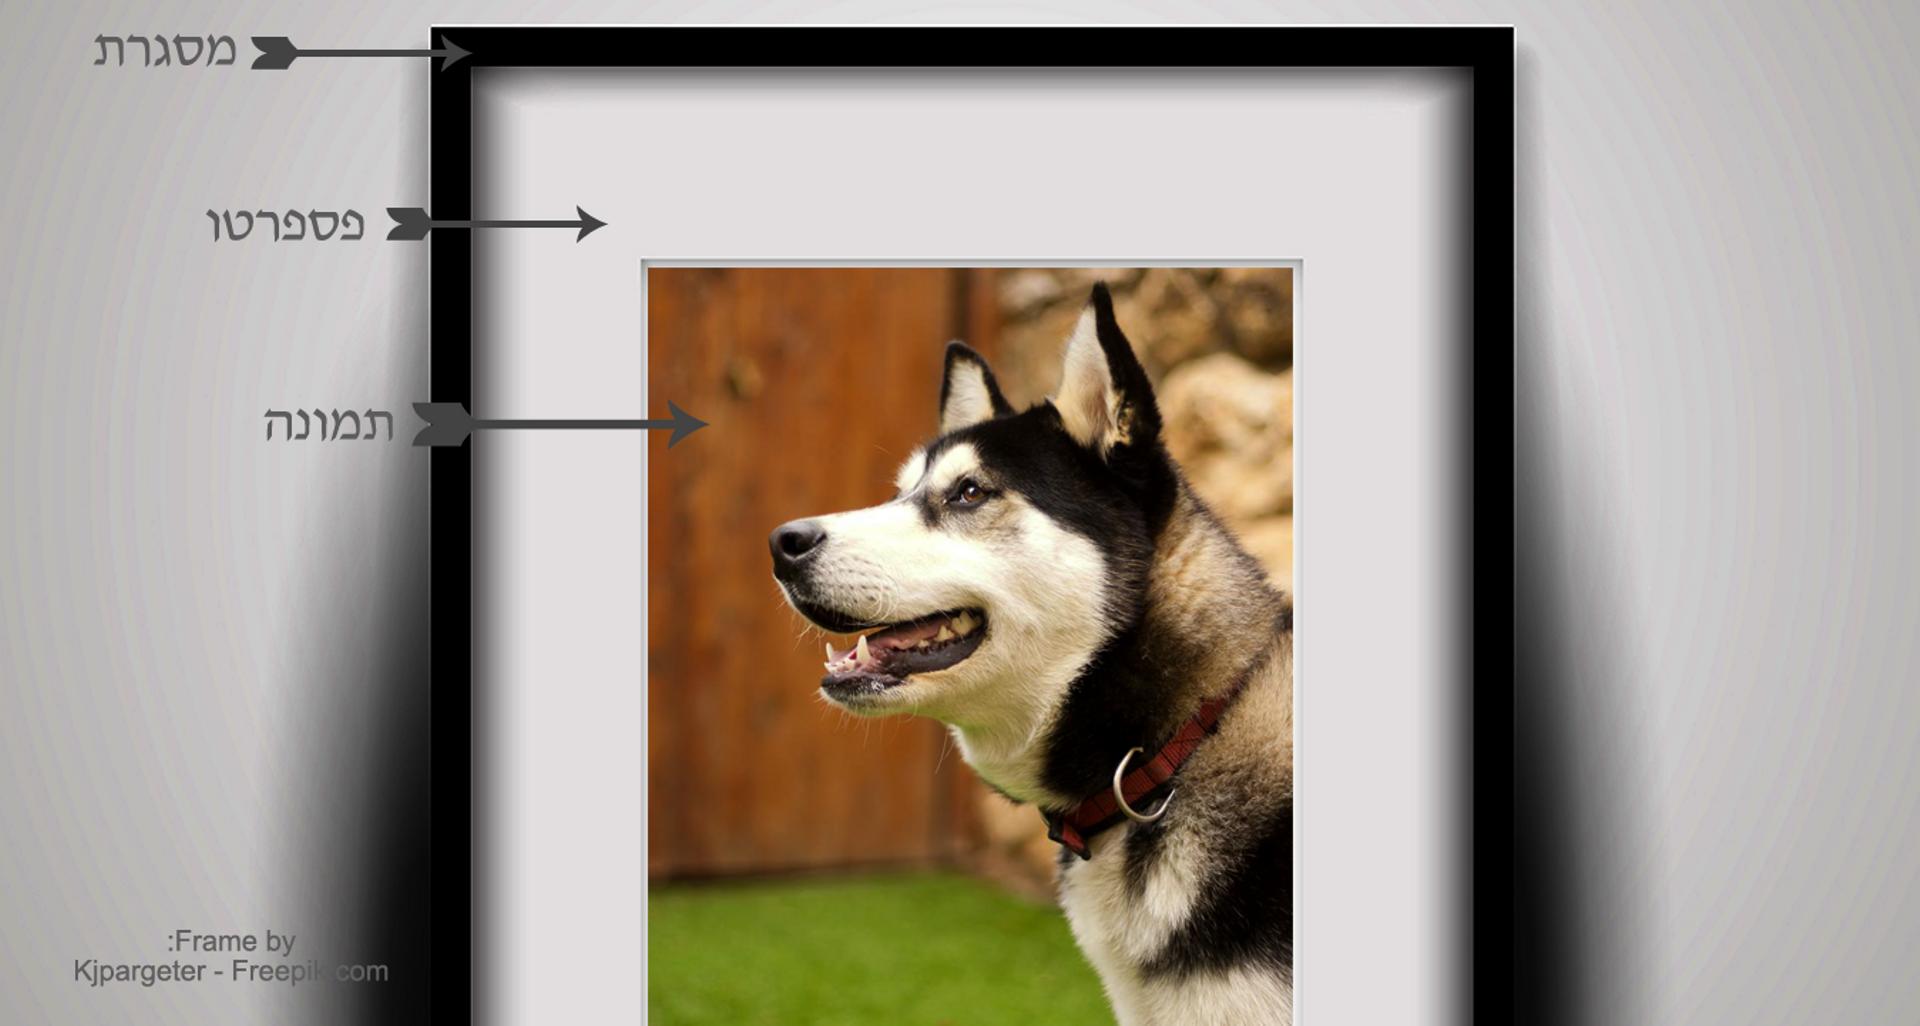 =מסגרת תמונה איכותית דגם FR9281, כולל הדפסת תמונה.